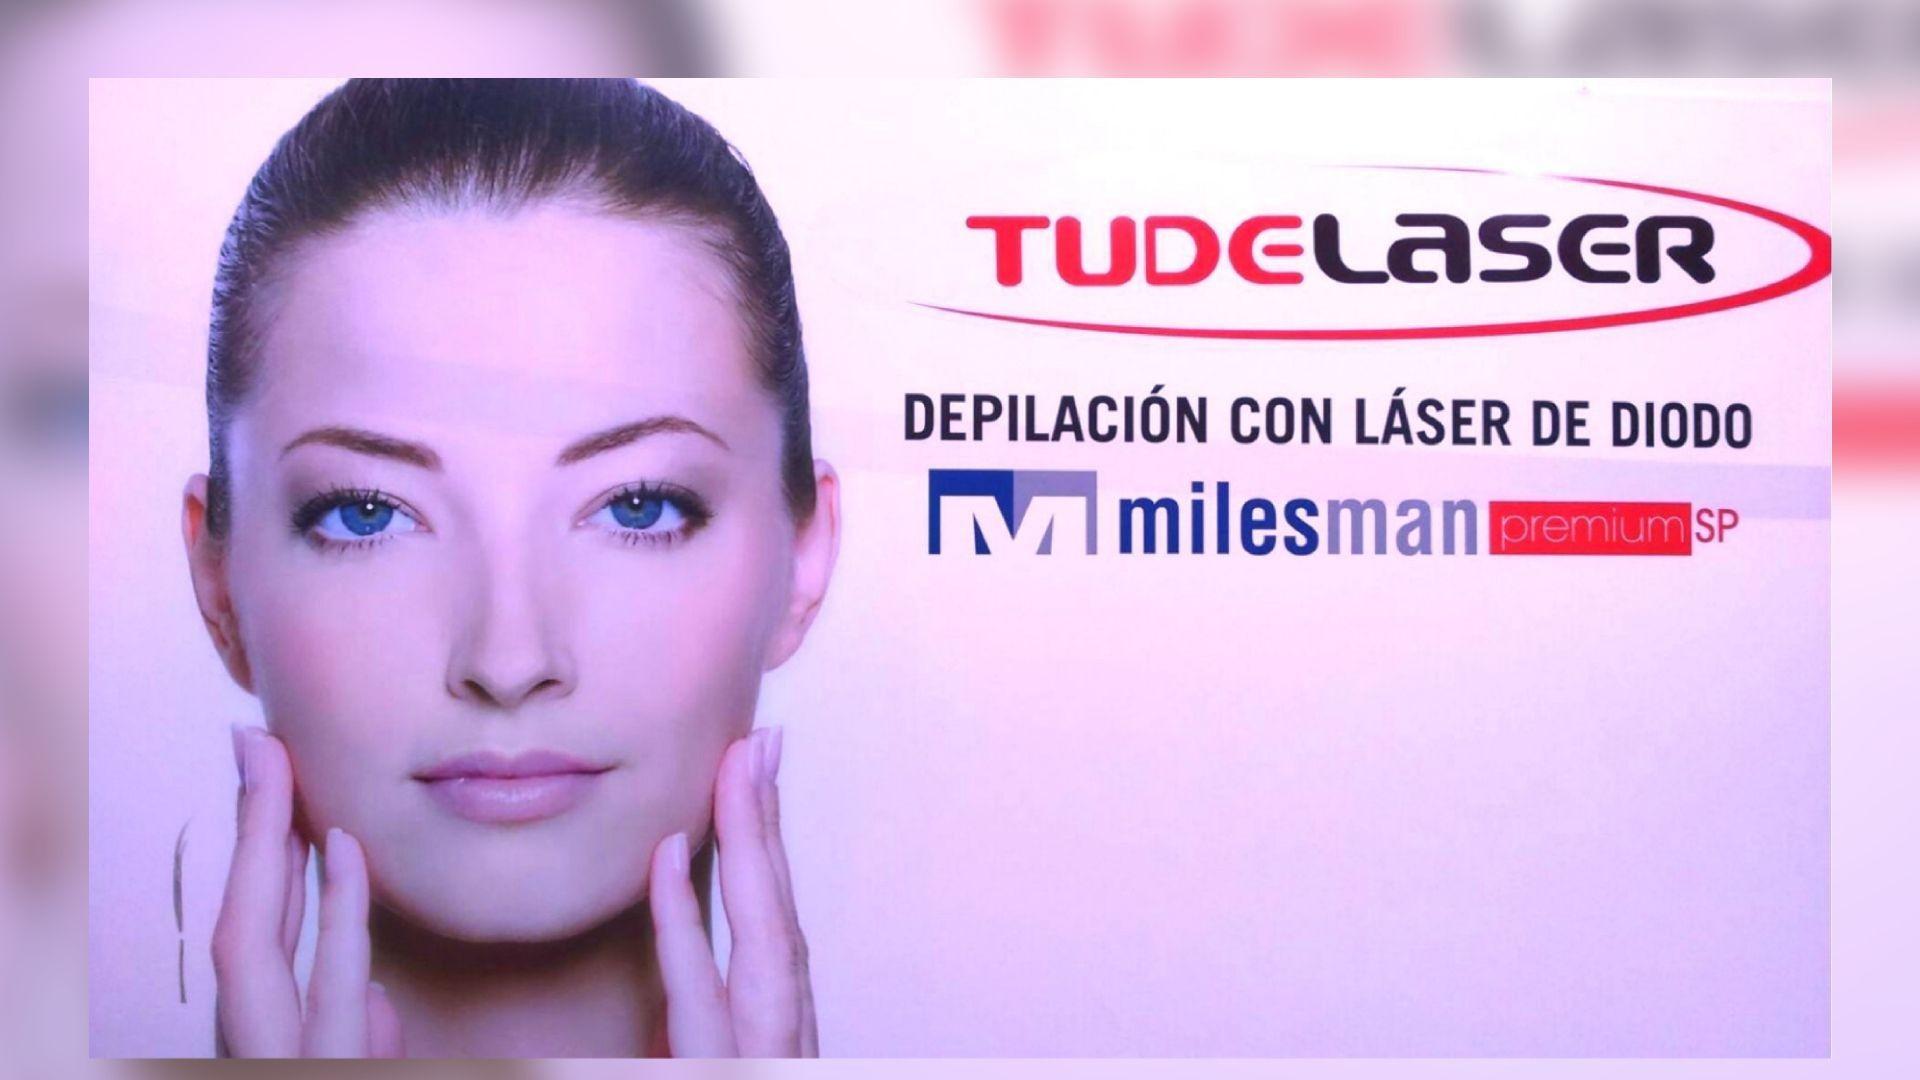 Depilación con láser de diodo en Tudela